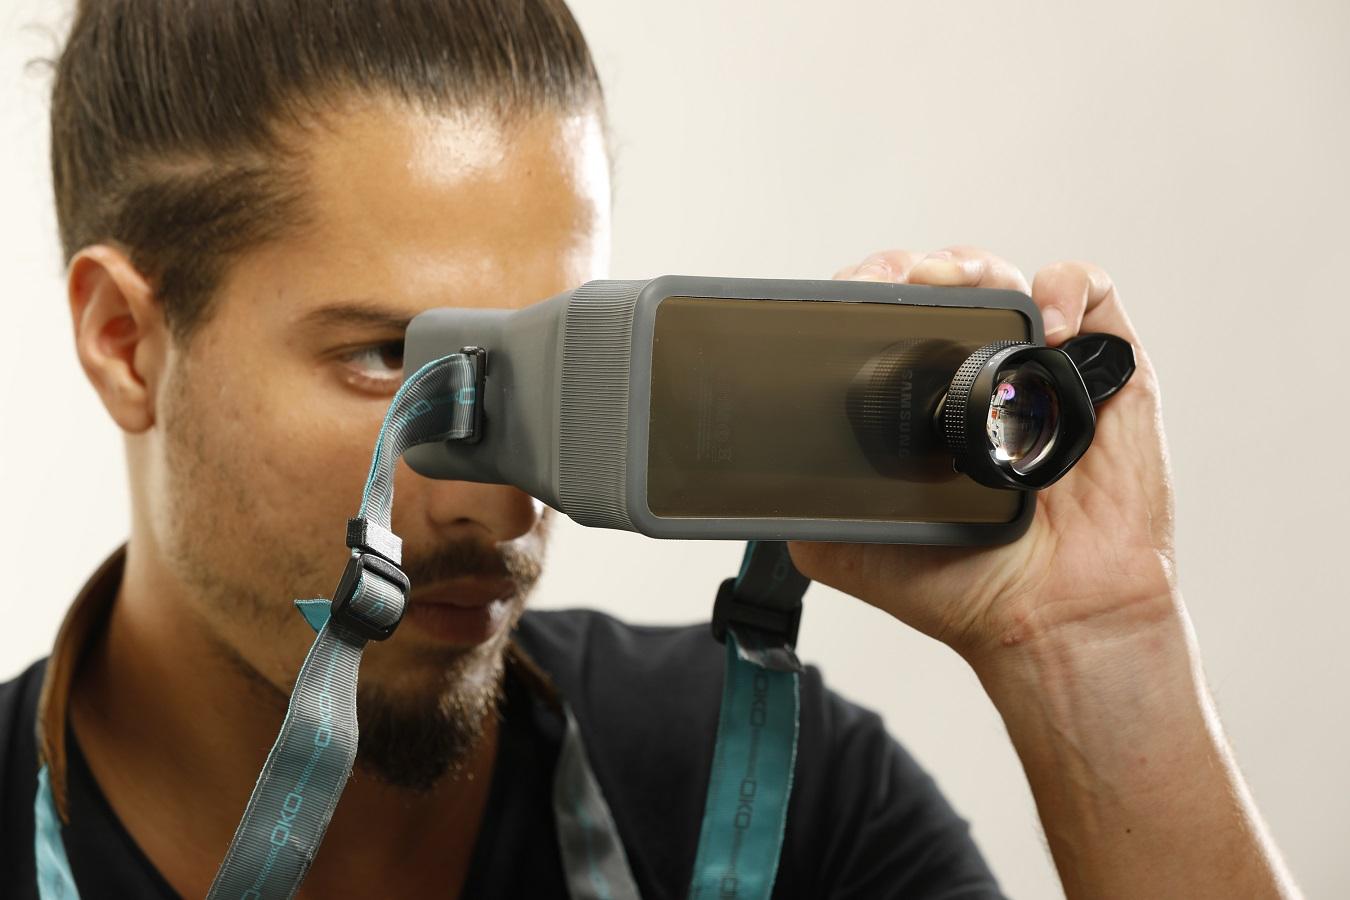 Oko gogle dla fotografa